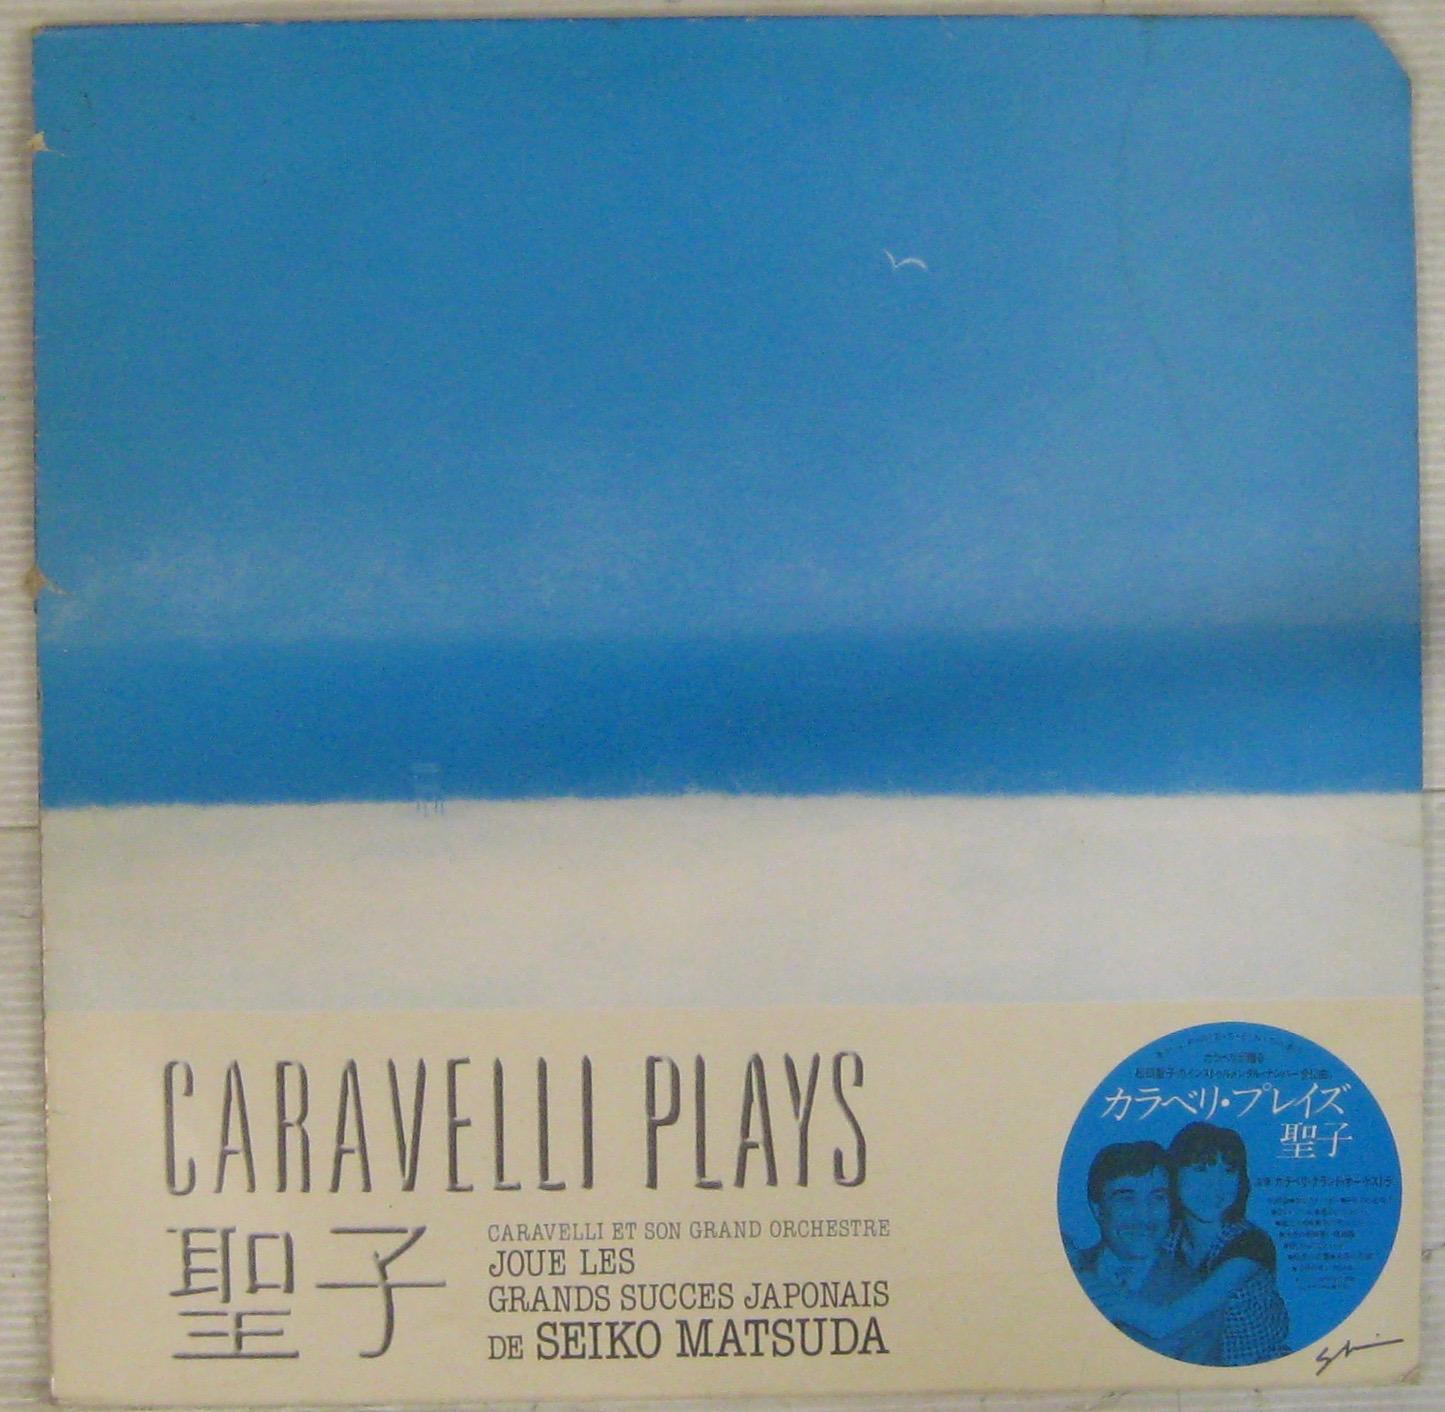 CARAVELLI - Caravelli joue les grands succès de Seiko Matsuda - 33T